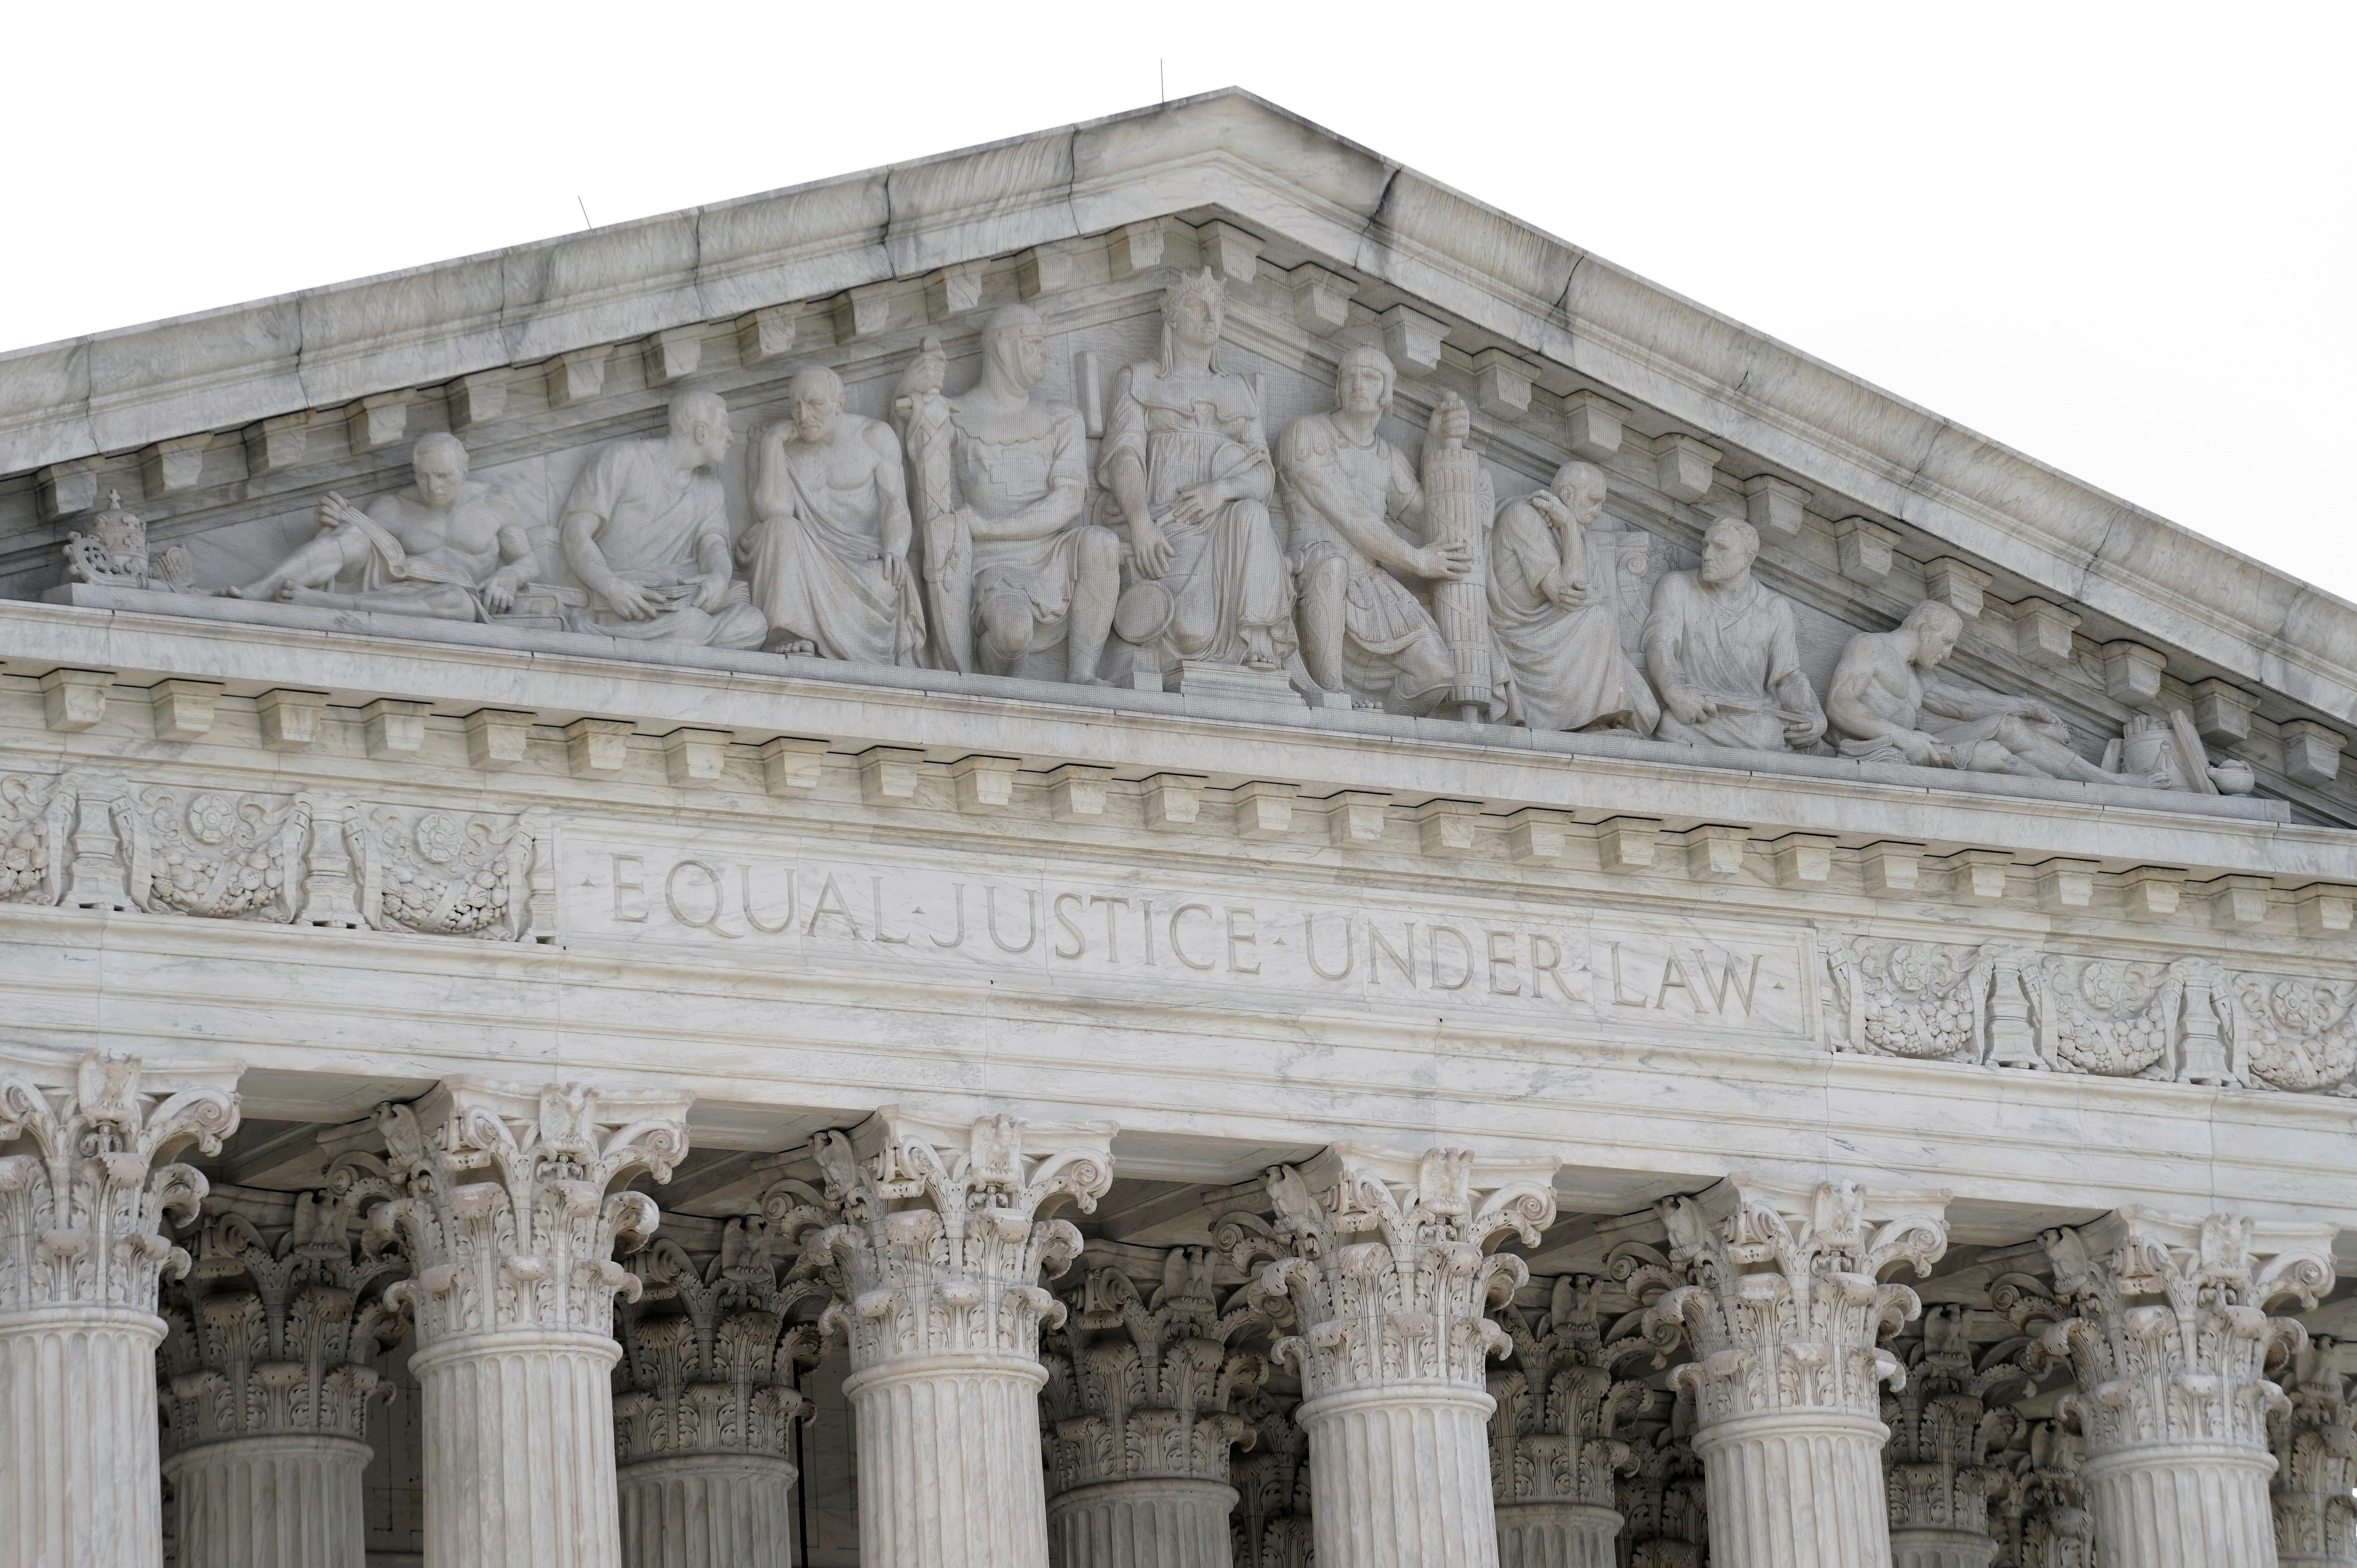 A view shows the pediment of the U.S. Supreme Court building in Washington, D.C., U.S. June 25, 2021. REUTERS/Ken Cedeno/File Photo